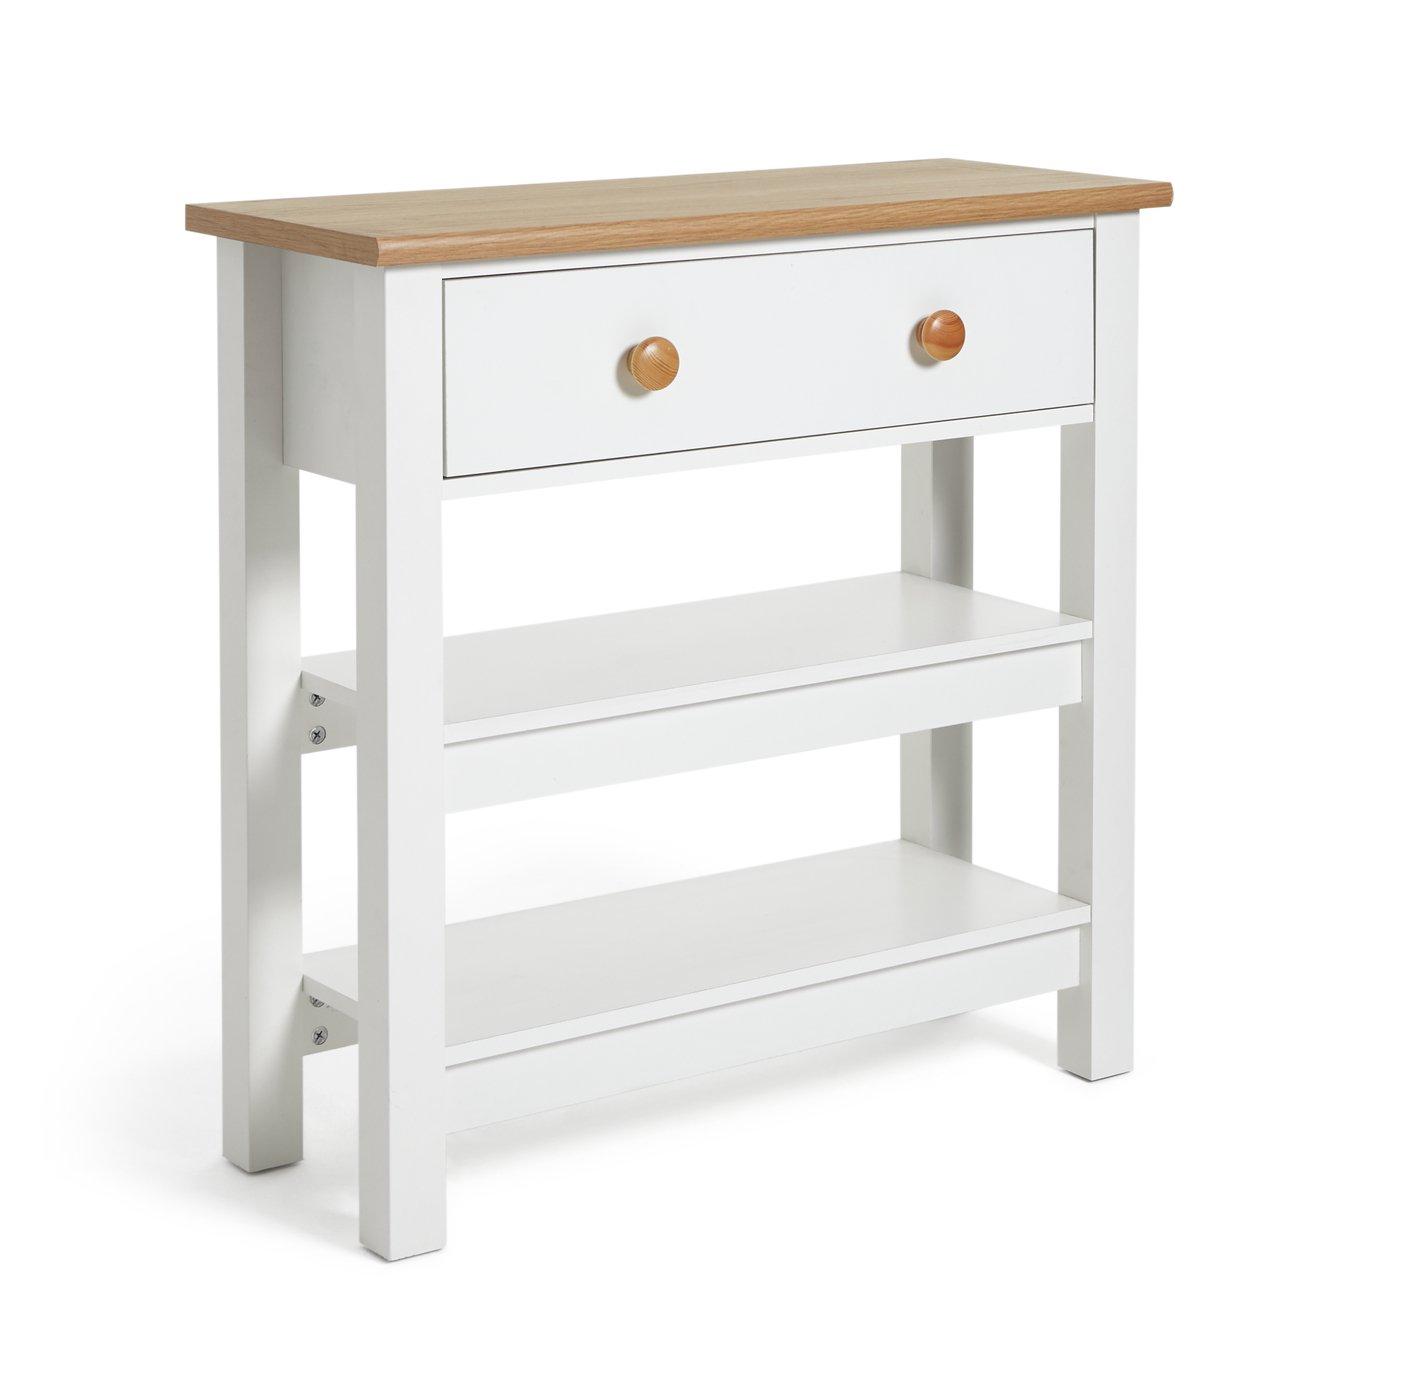 Argos Home Winchester Console Table - Cream Two Tone